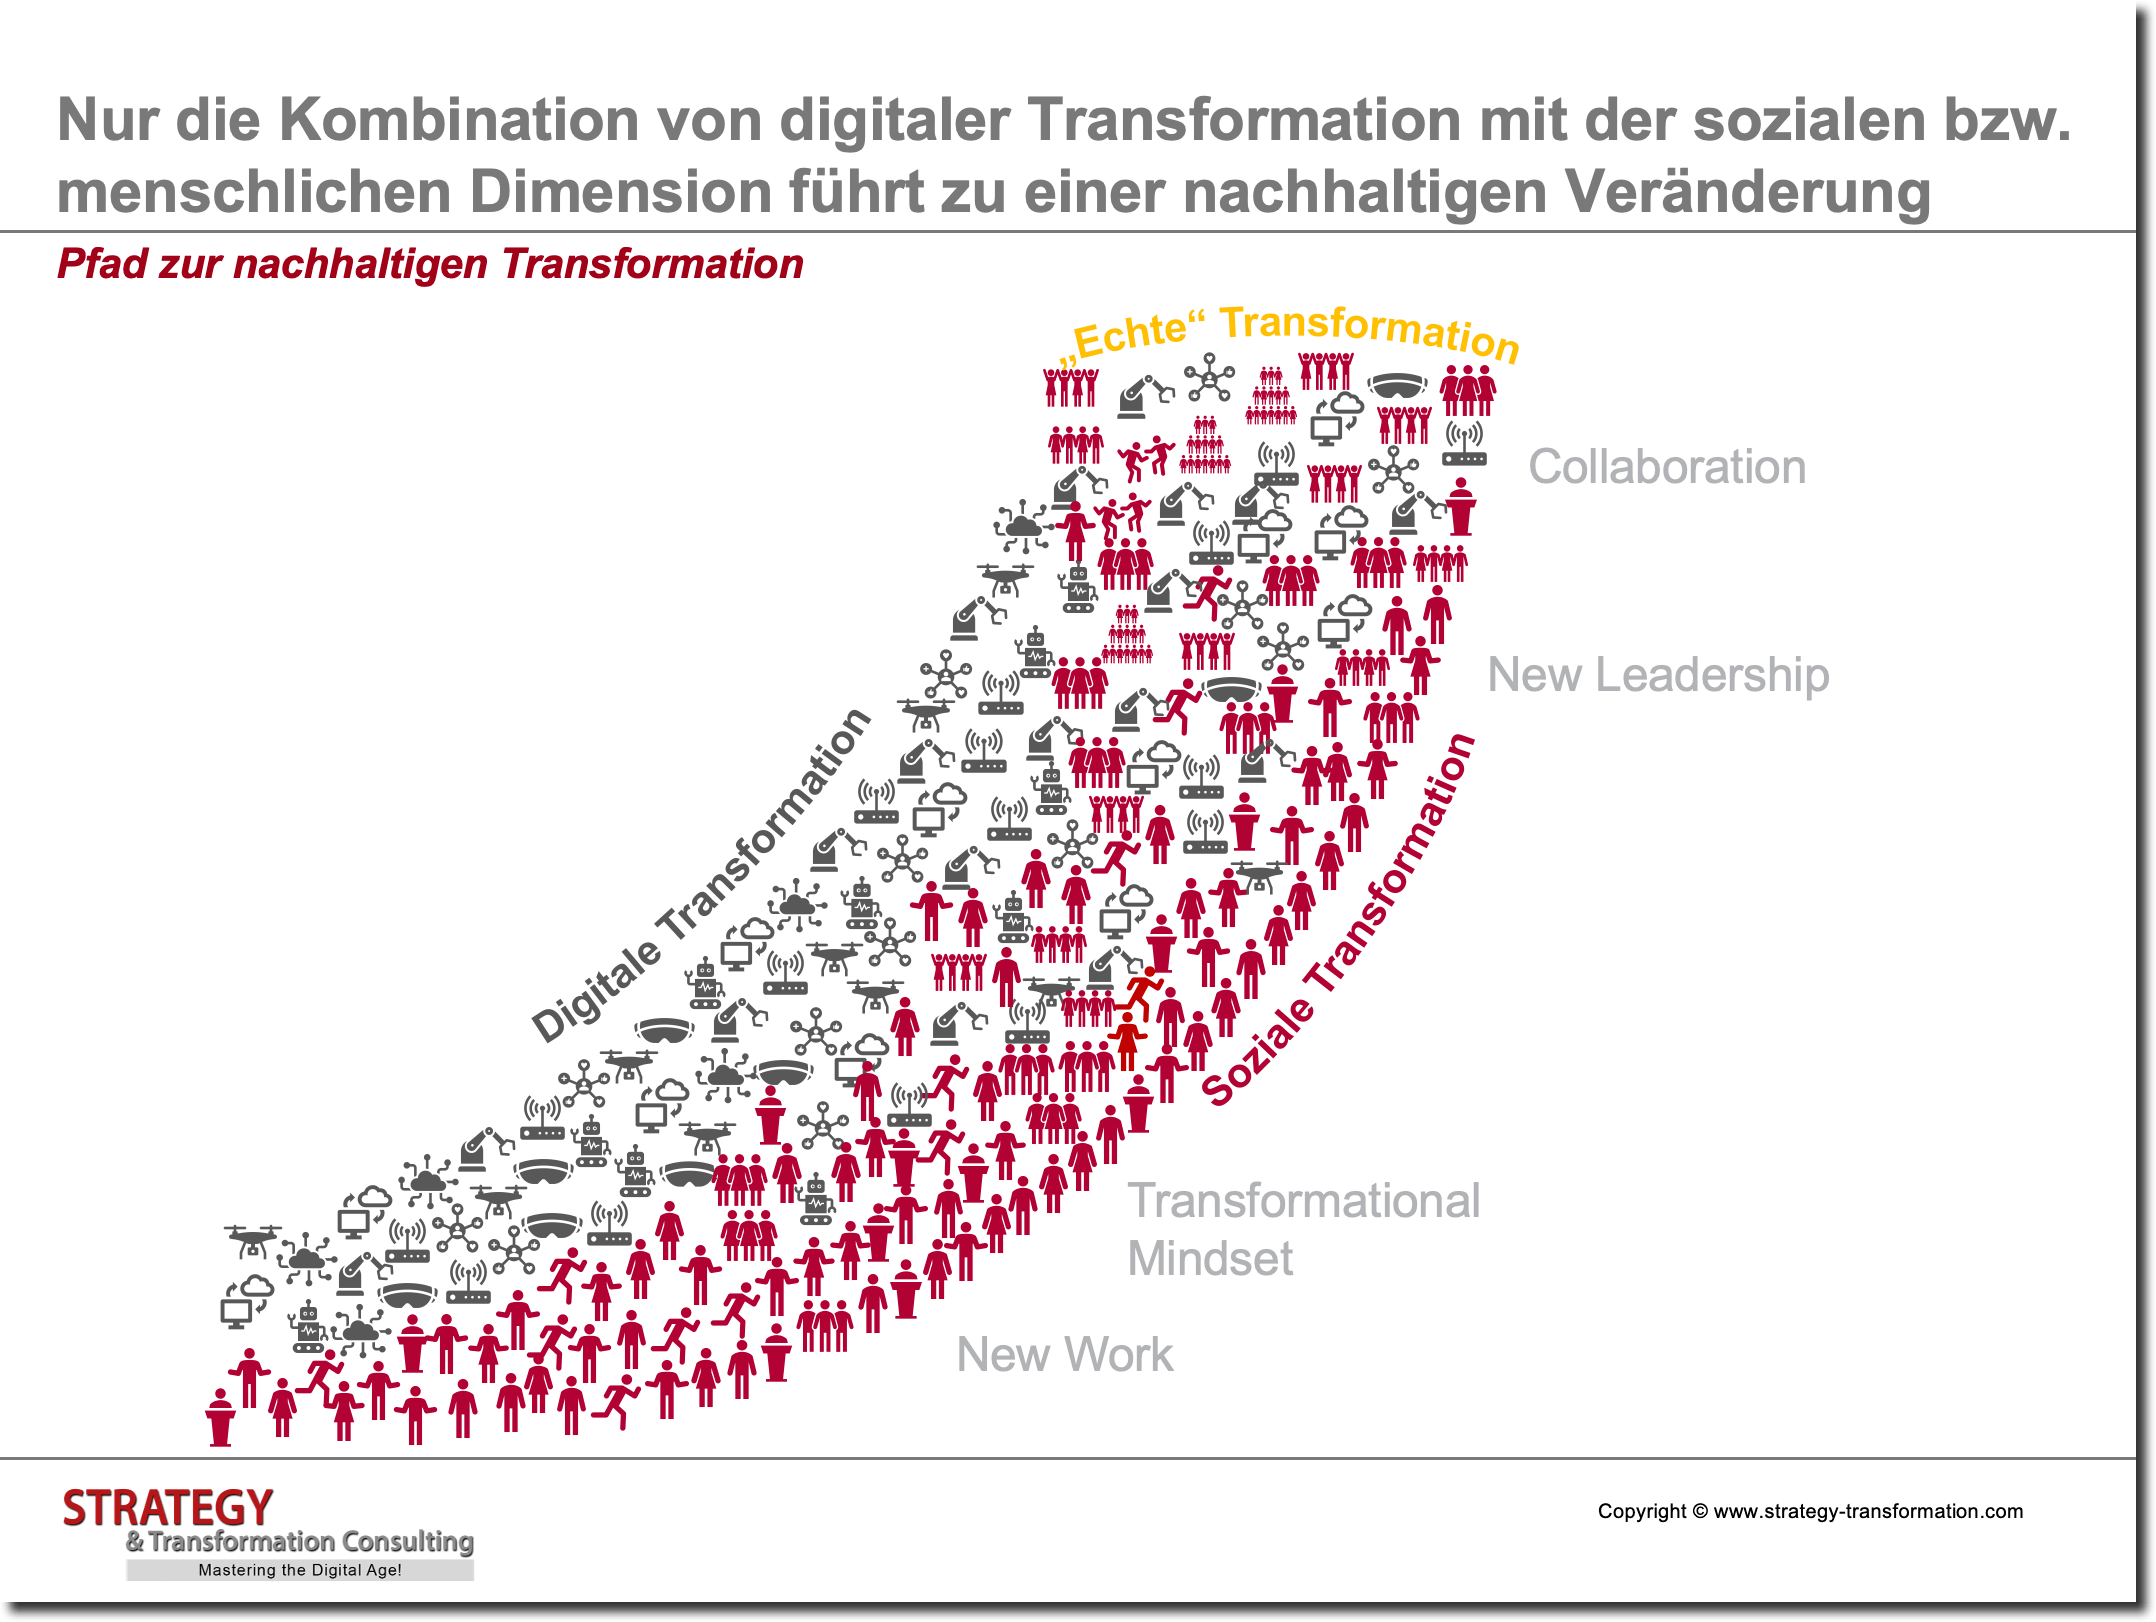 Pfad zur nachhaltigen Transformation